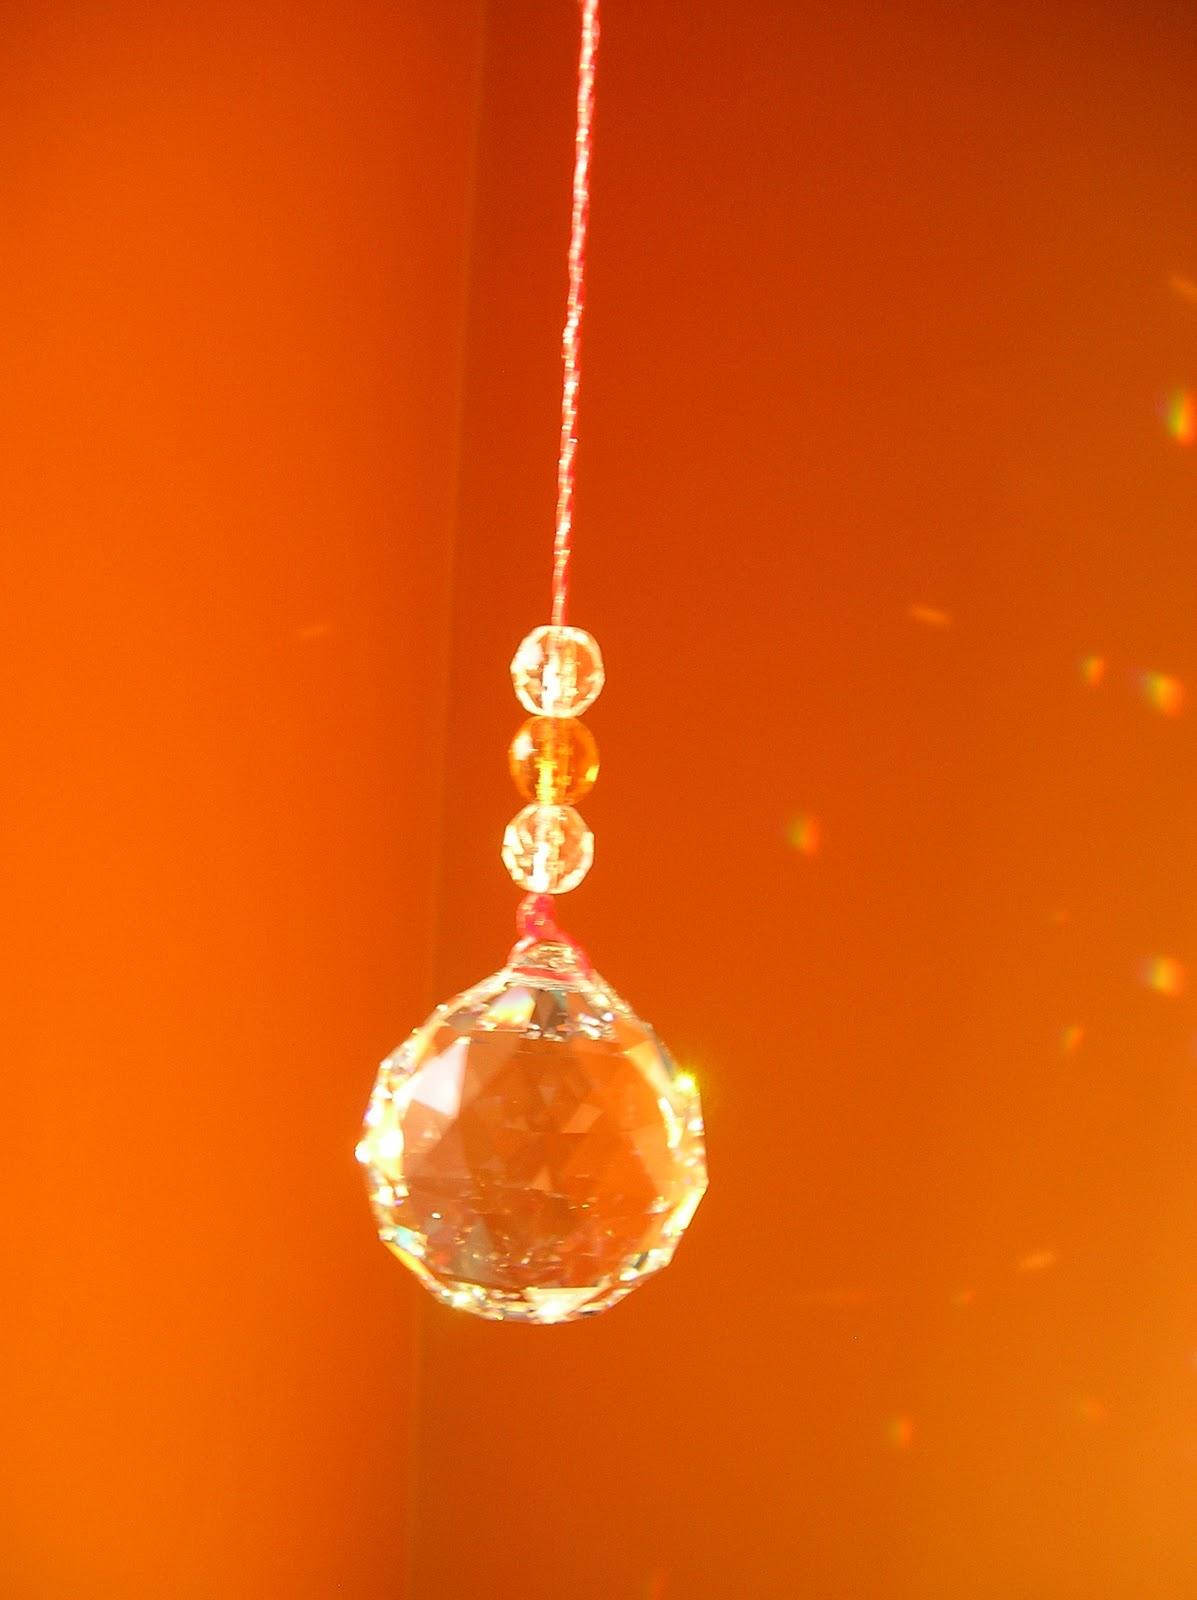 Chandra Veeresha: Cristal Mulifacetado e Feng Shui #A33000 1197 1600